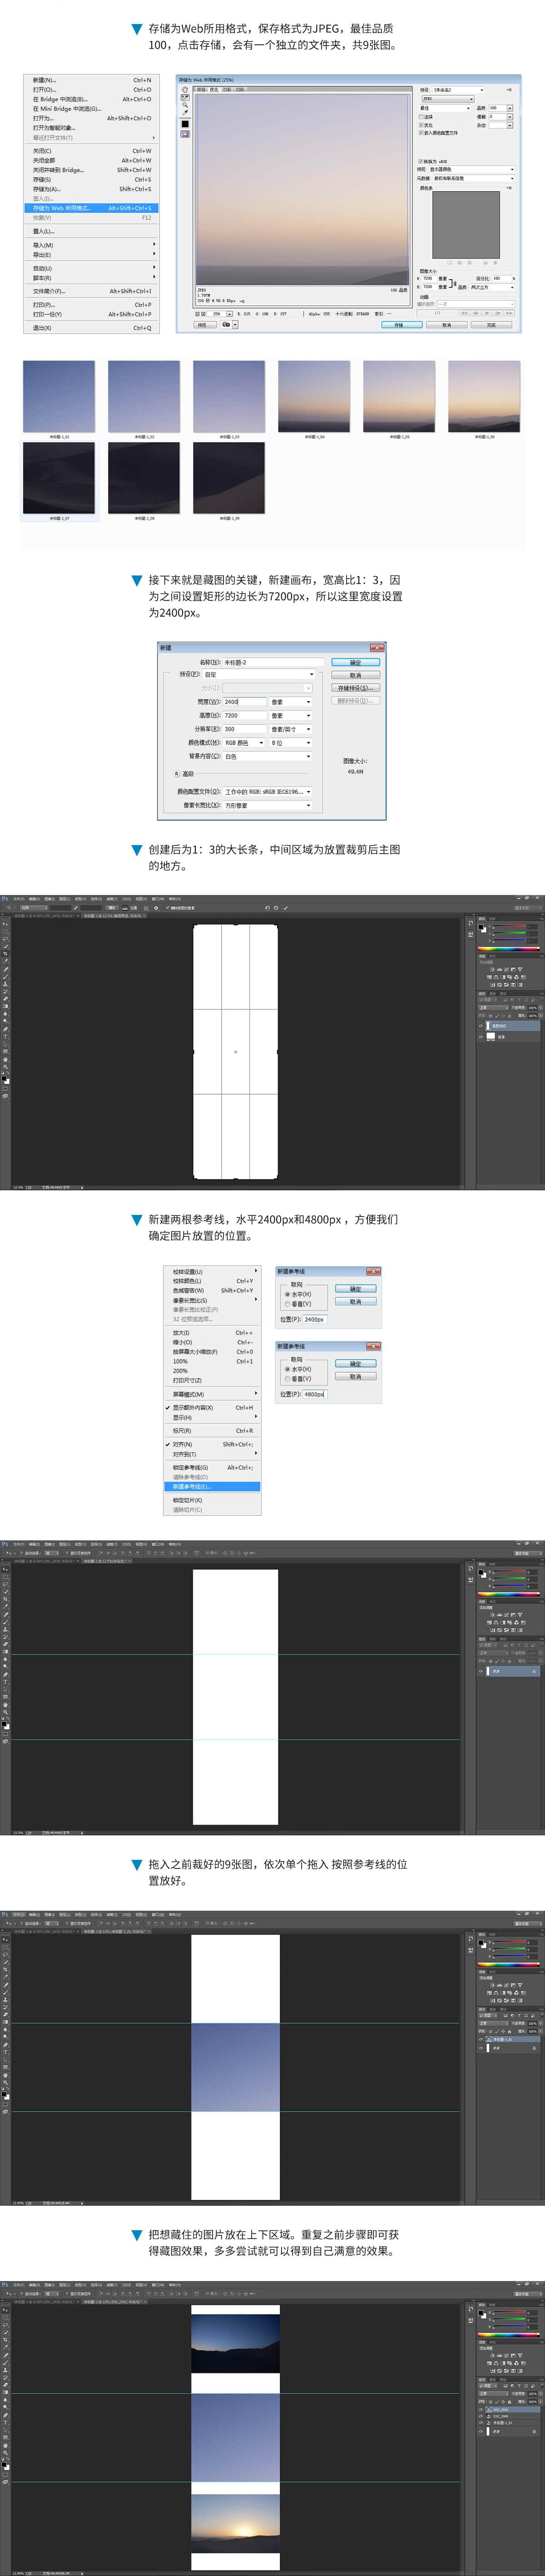 PS教程!解密微博九宫格藏图